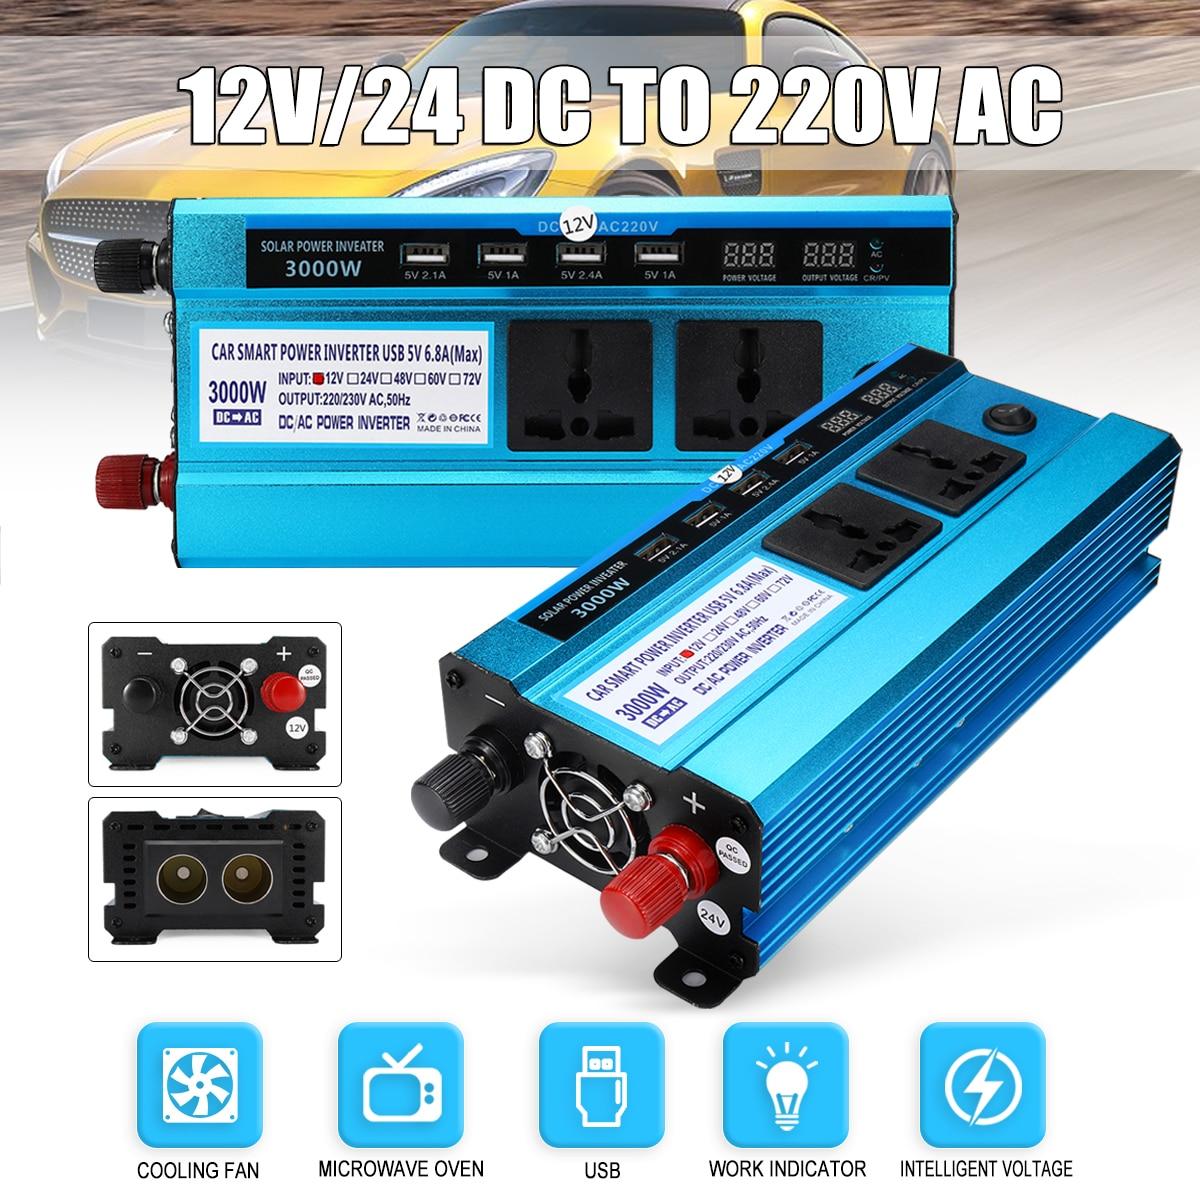 Voltage Transformer USB Converter Solar Power Inverter Car LED Peak 3000W DC 12/ 24V to AC 220V Sine Wave Digital Display 1600w автомобильный инвертор 4 usb 12v 24v до 220v dual digital display of protection voltage modefied sine wave car inverter co